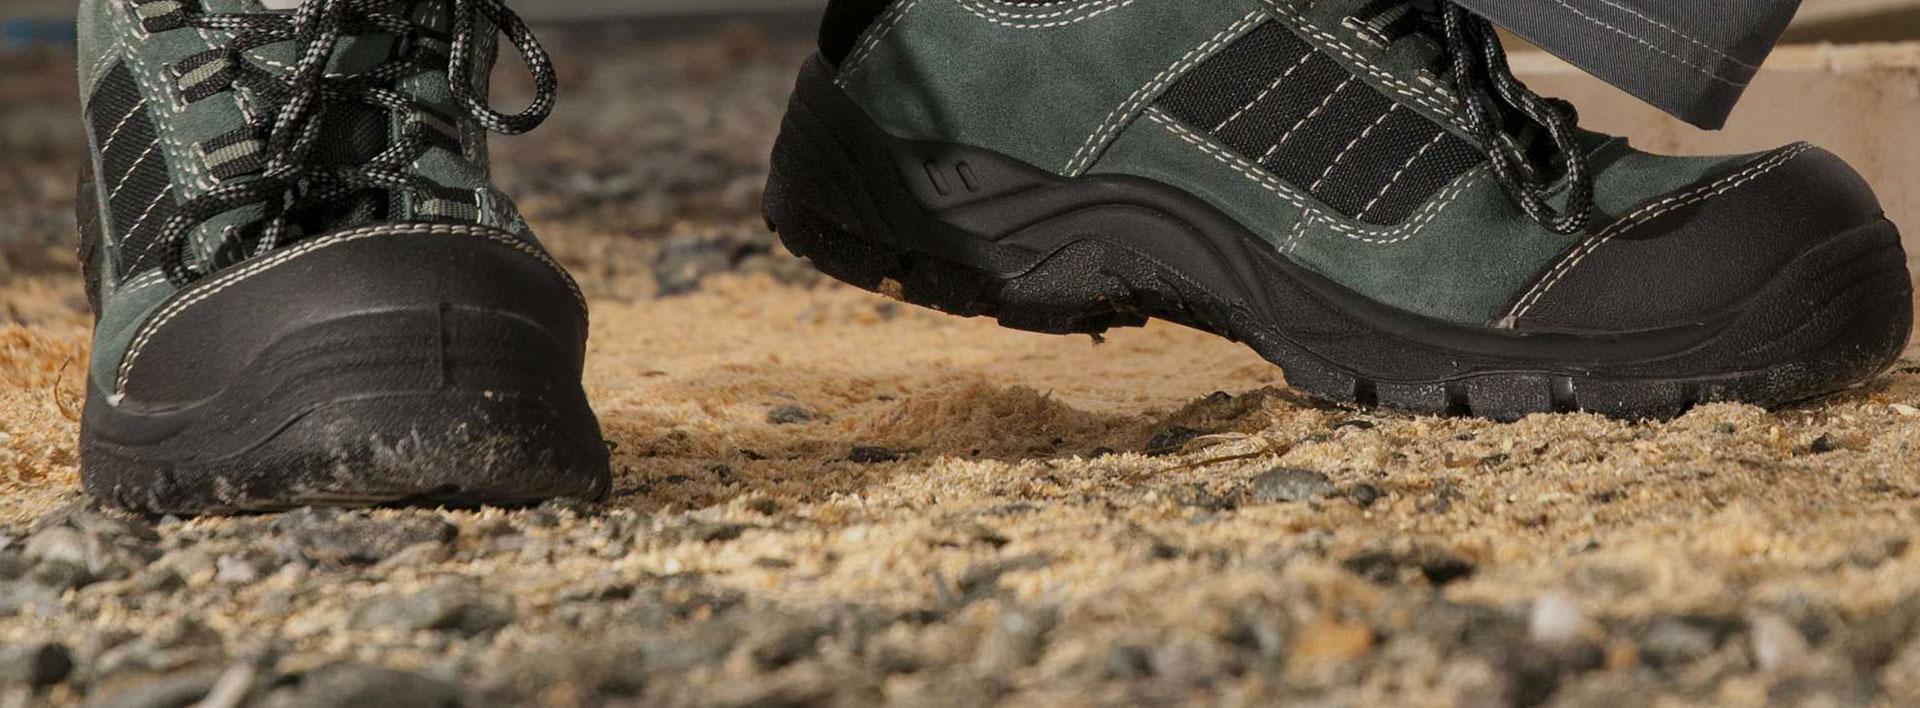 Kiểm tra thiết bị bảo vệ chân